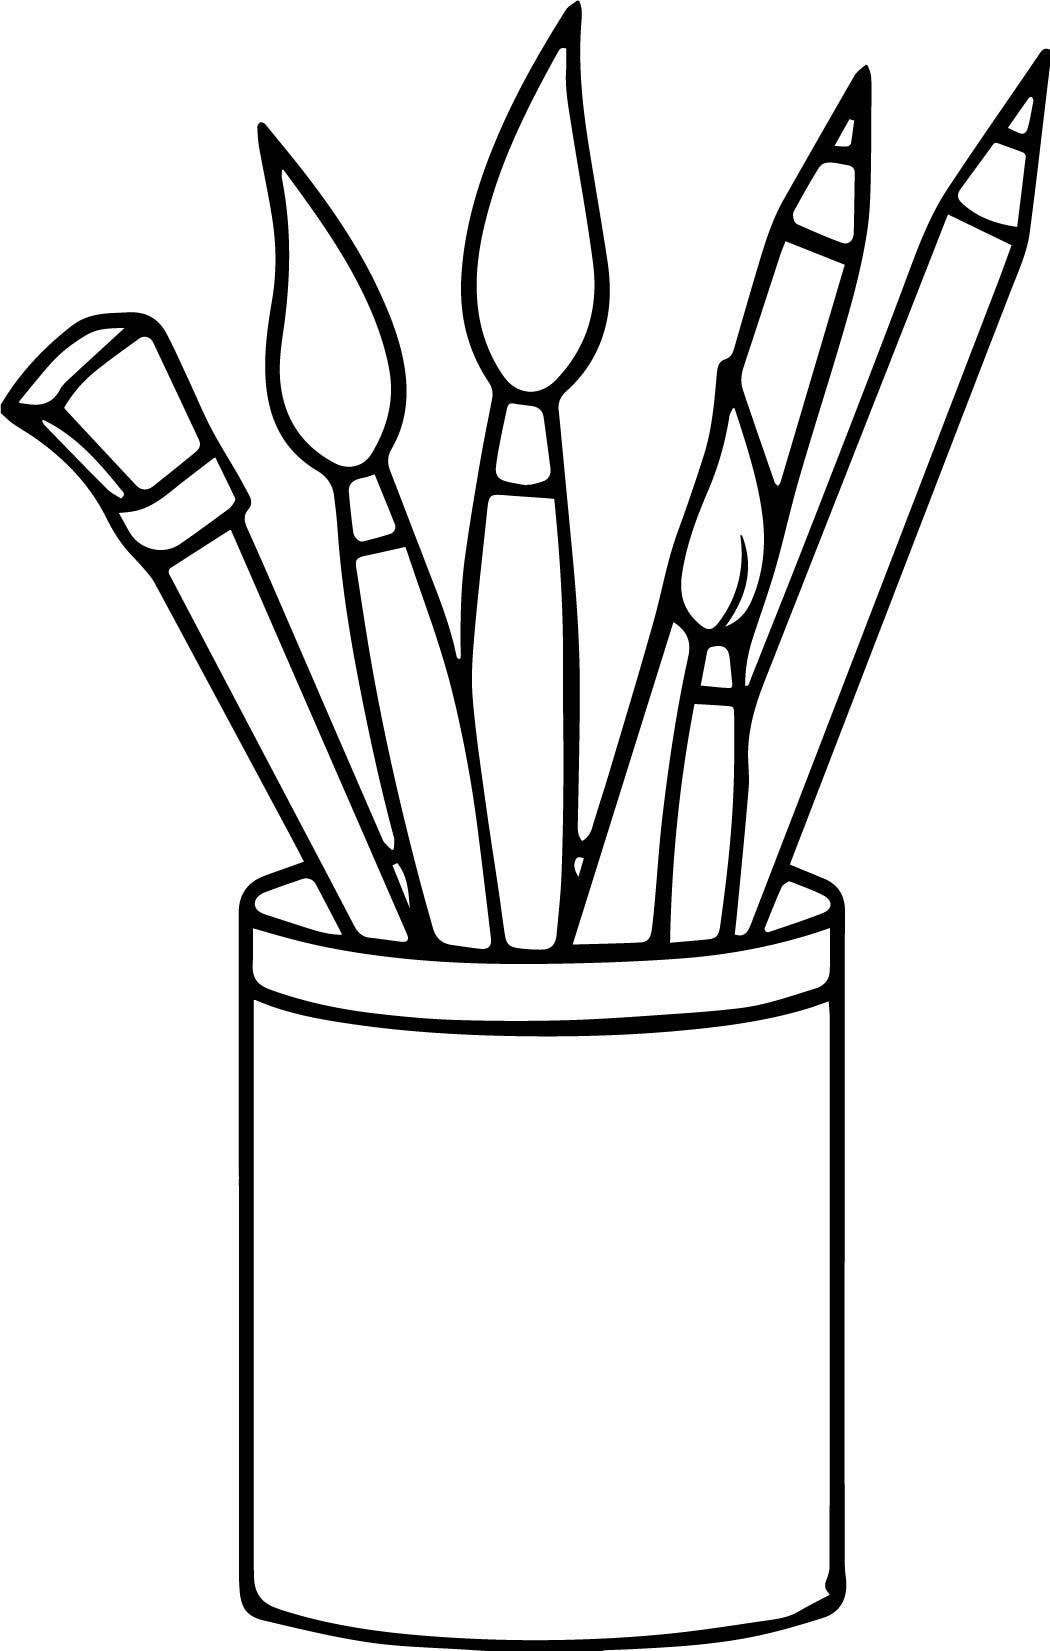 Pencil Coloring Worksheet